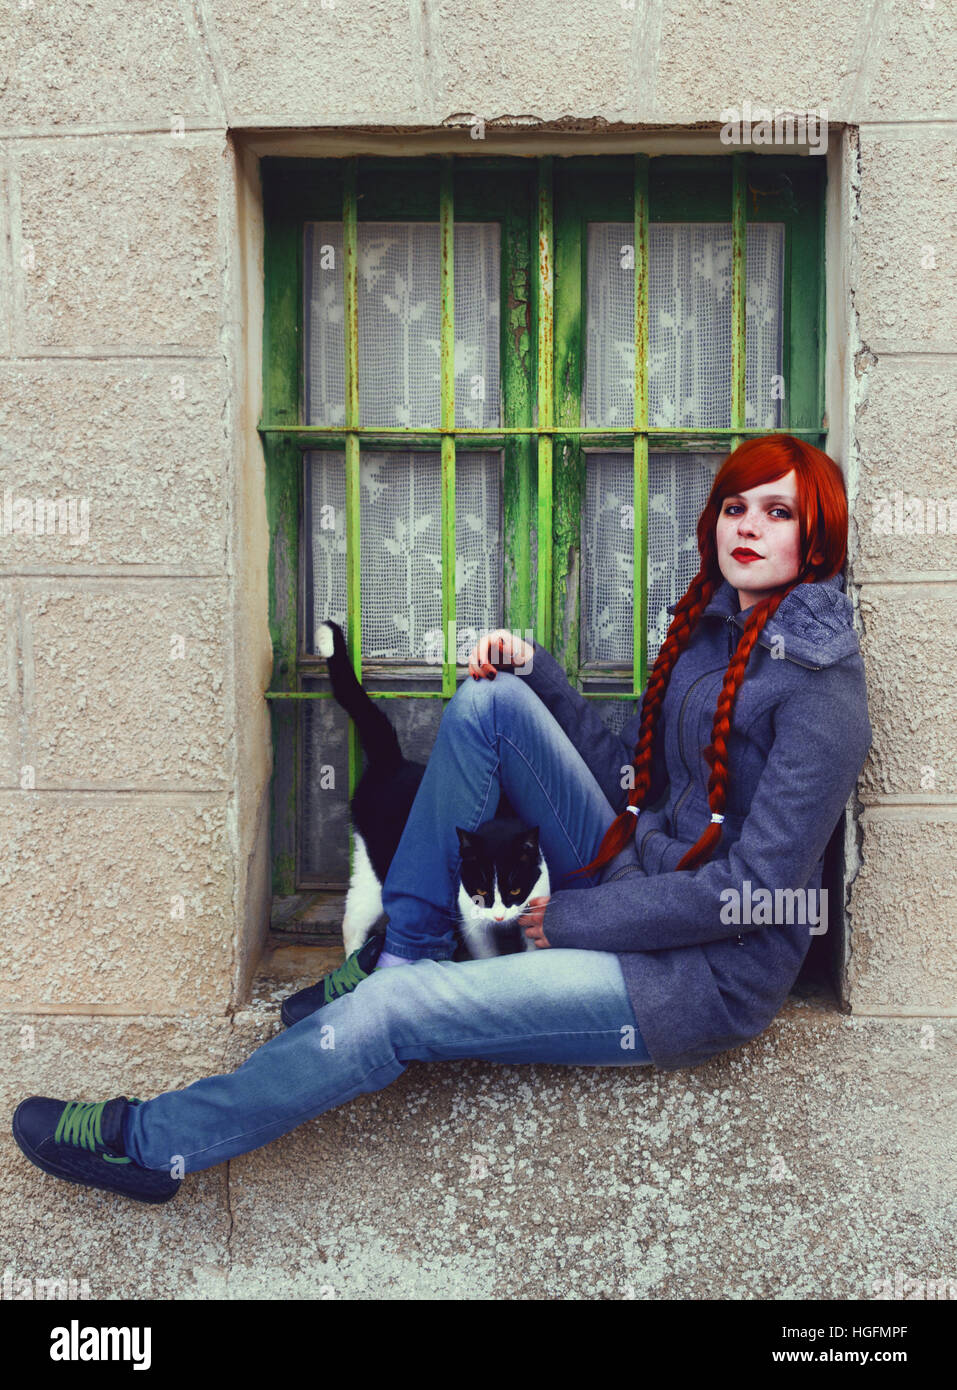 Joven pelirroja mujer, con dos largas trenzas, sentarse cerca de una ventana vieja Imagen De Stock